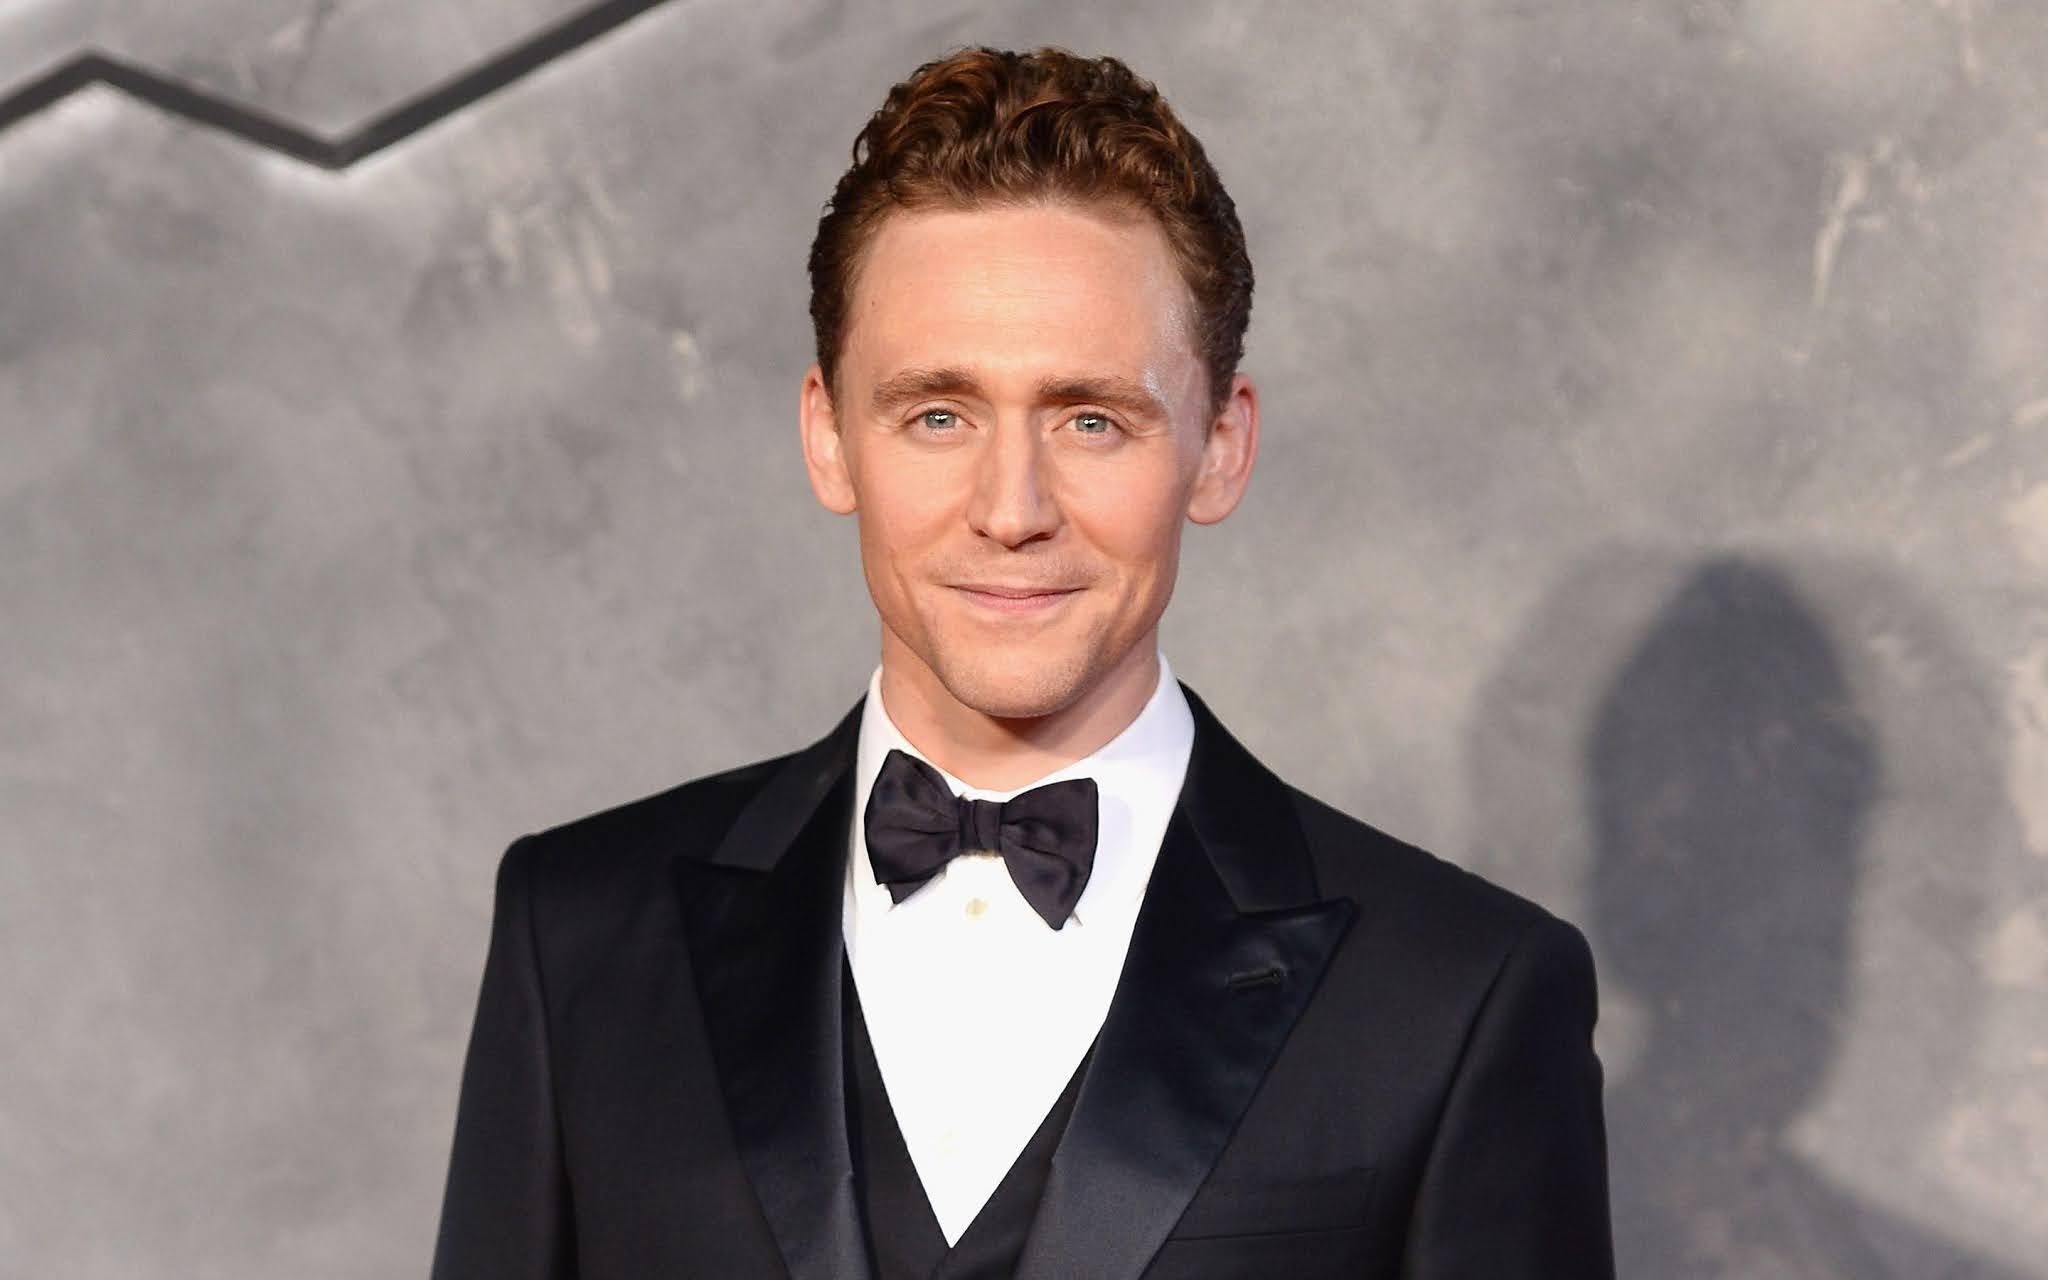 Tom Hiddleston handsome